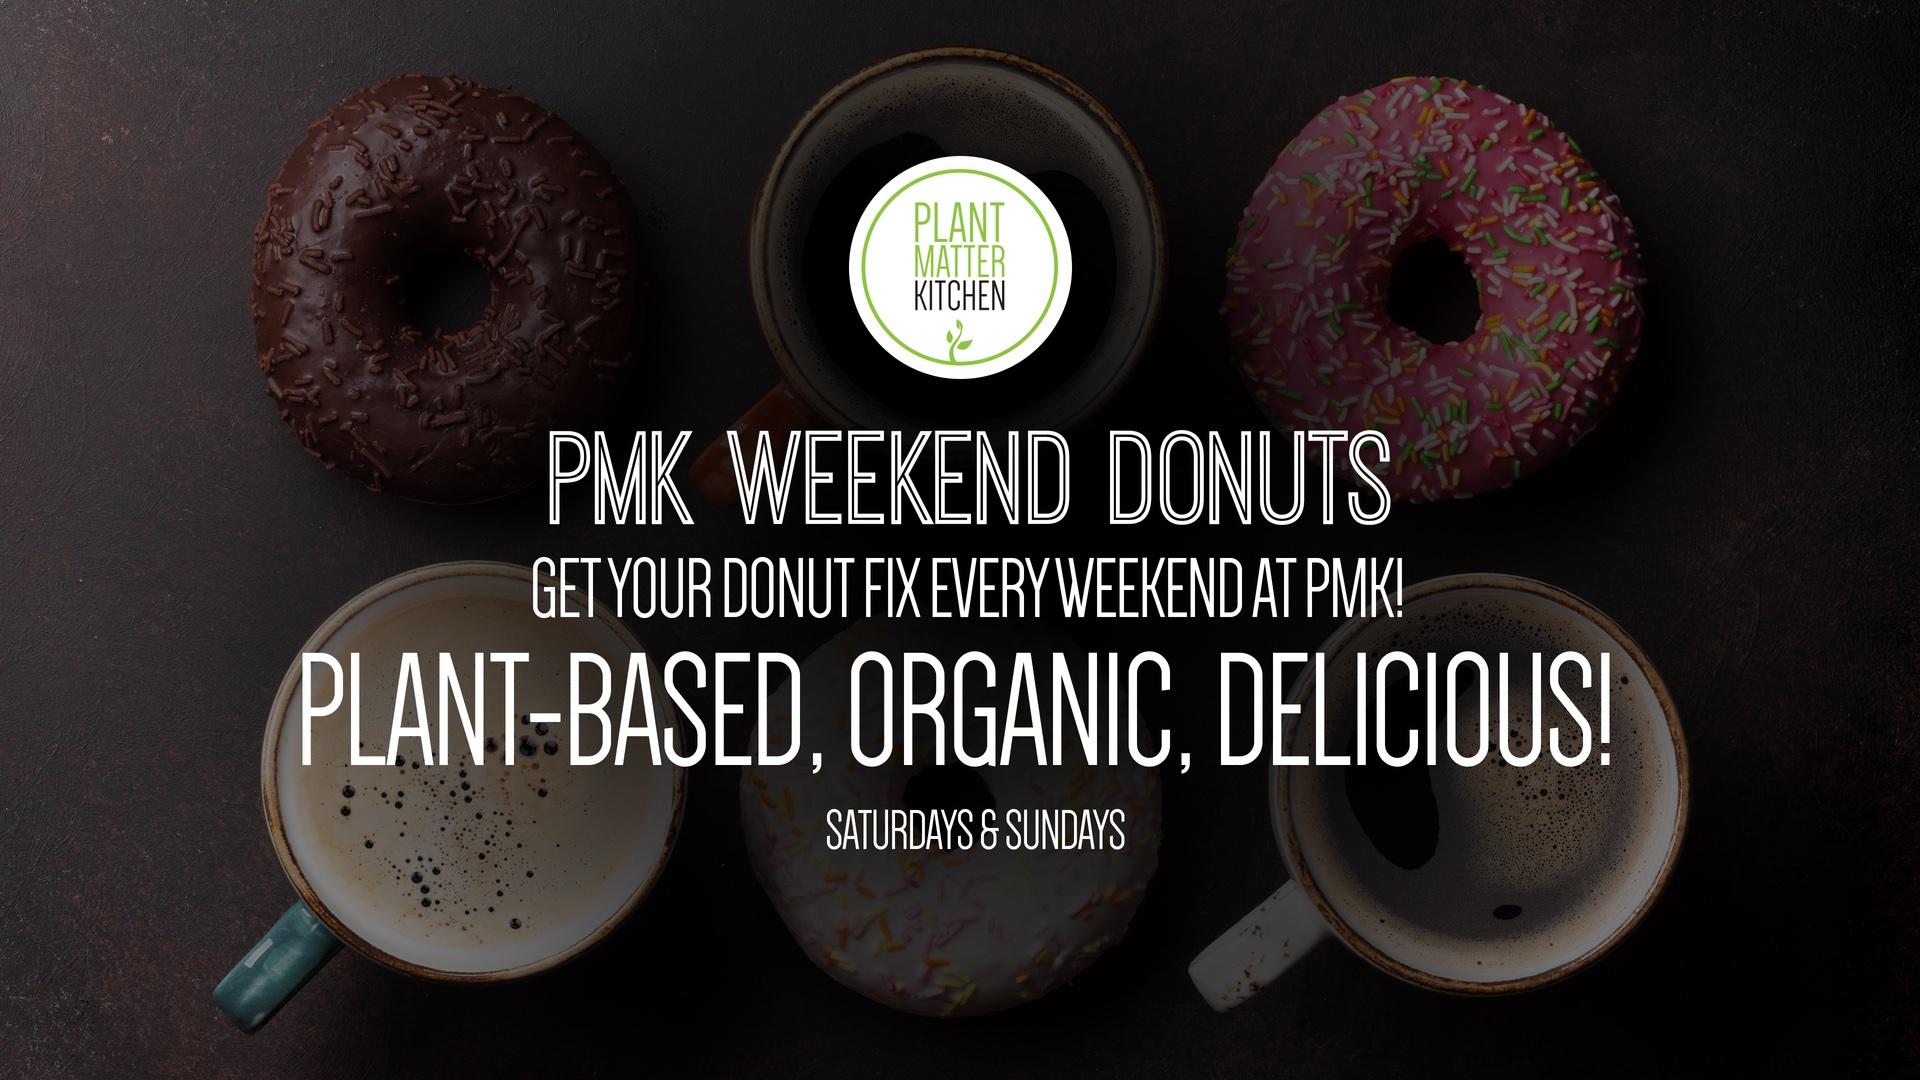 PMK Weekend Donuts